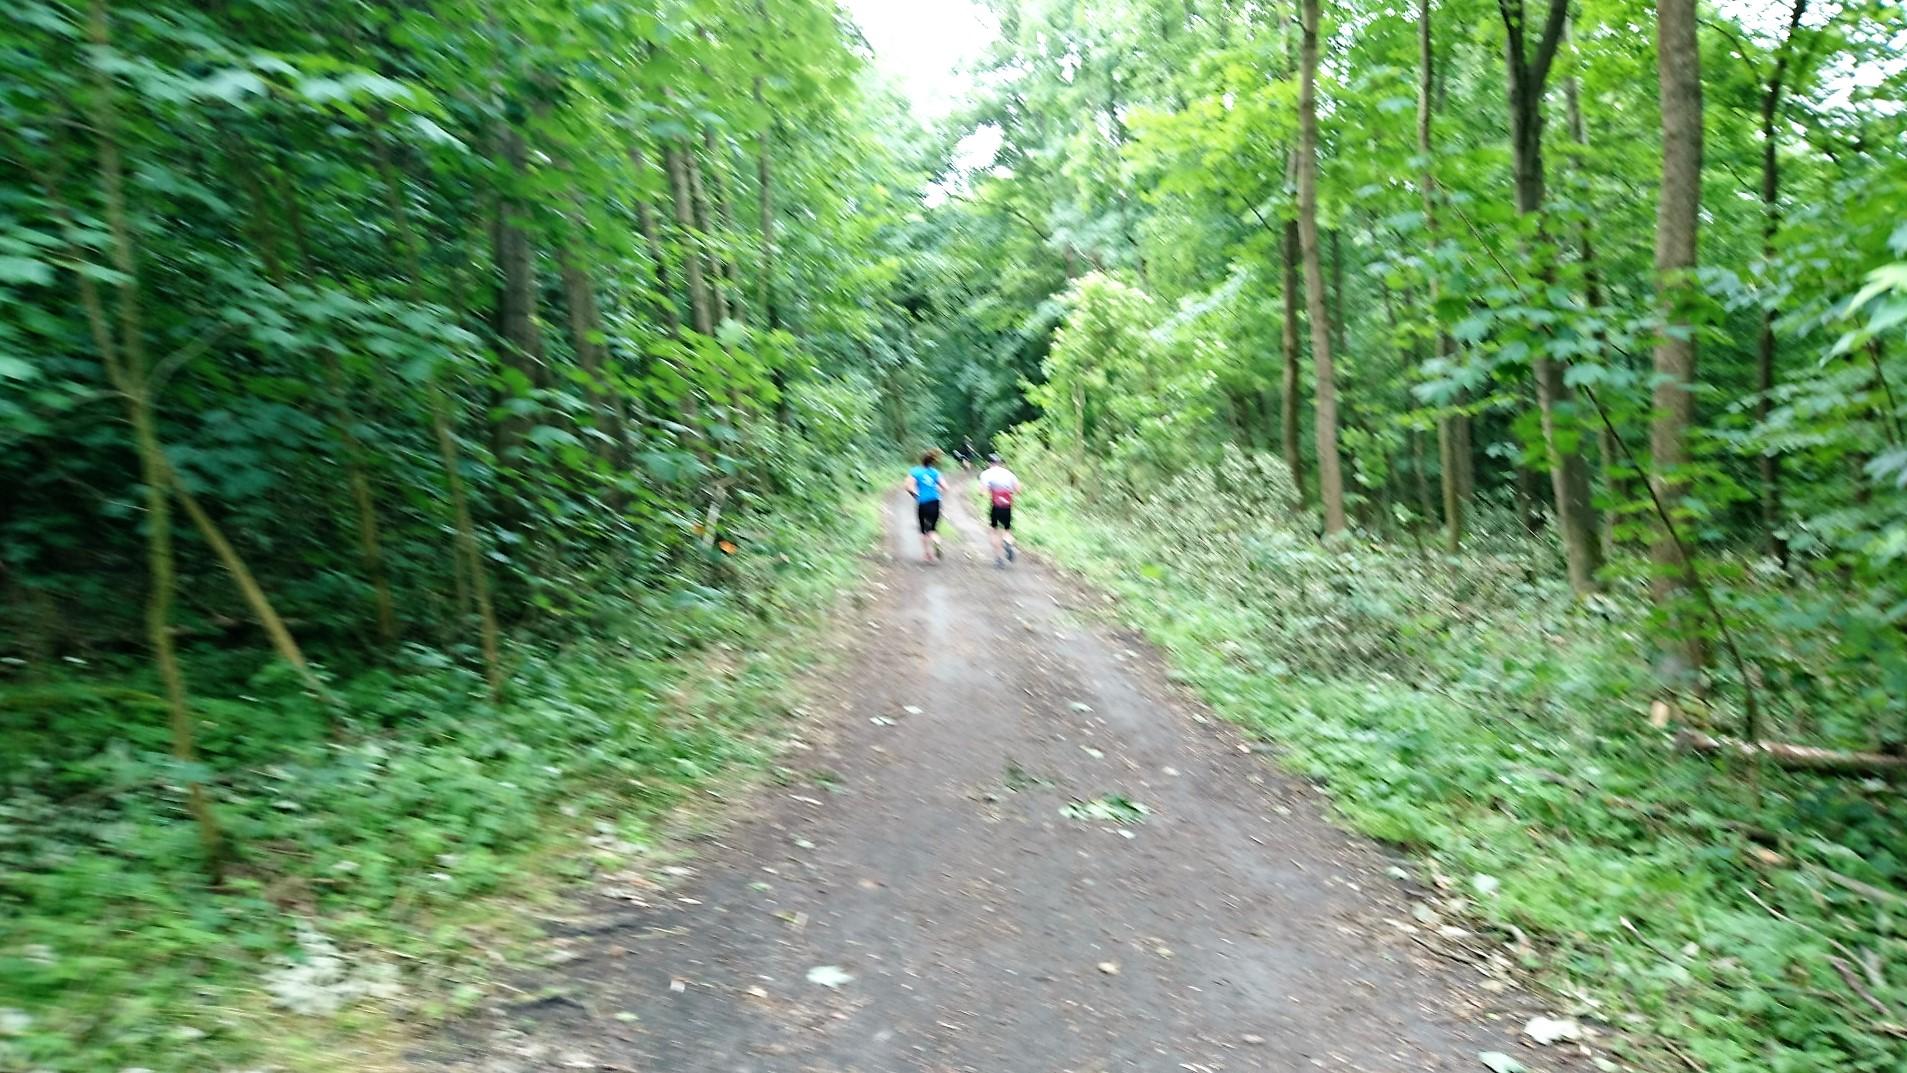 Ćwierćmaraton bociana 2016 las